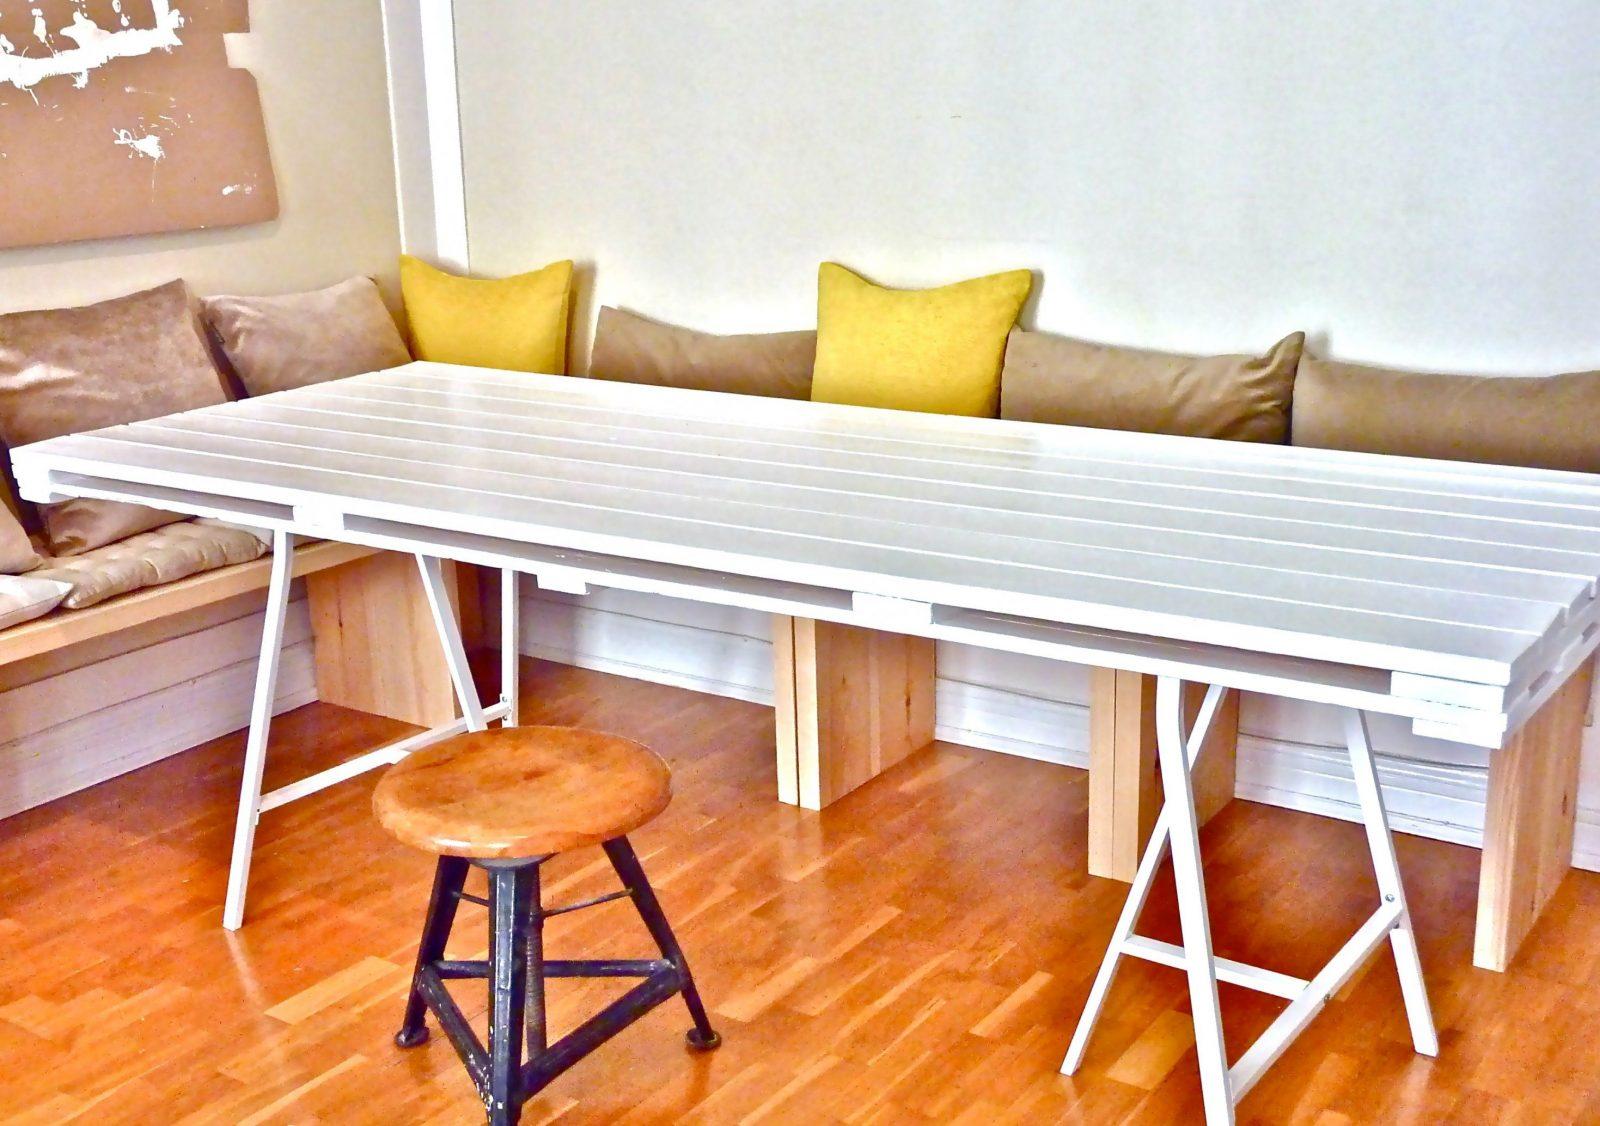 Schön Ideen Für Esstisch Aus Europaletten Möbel Aus Paletten von Esstisch Aus Paletten Bauen Photo